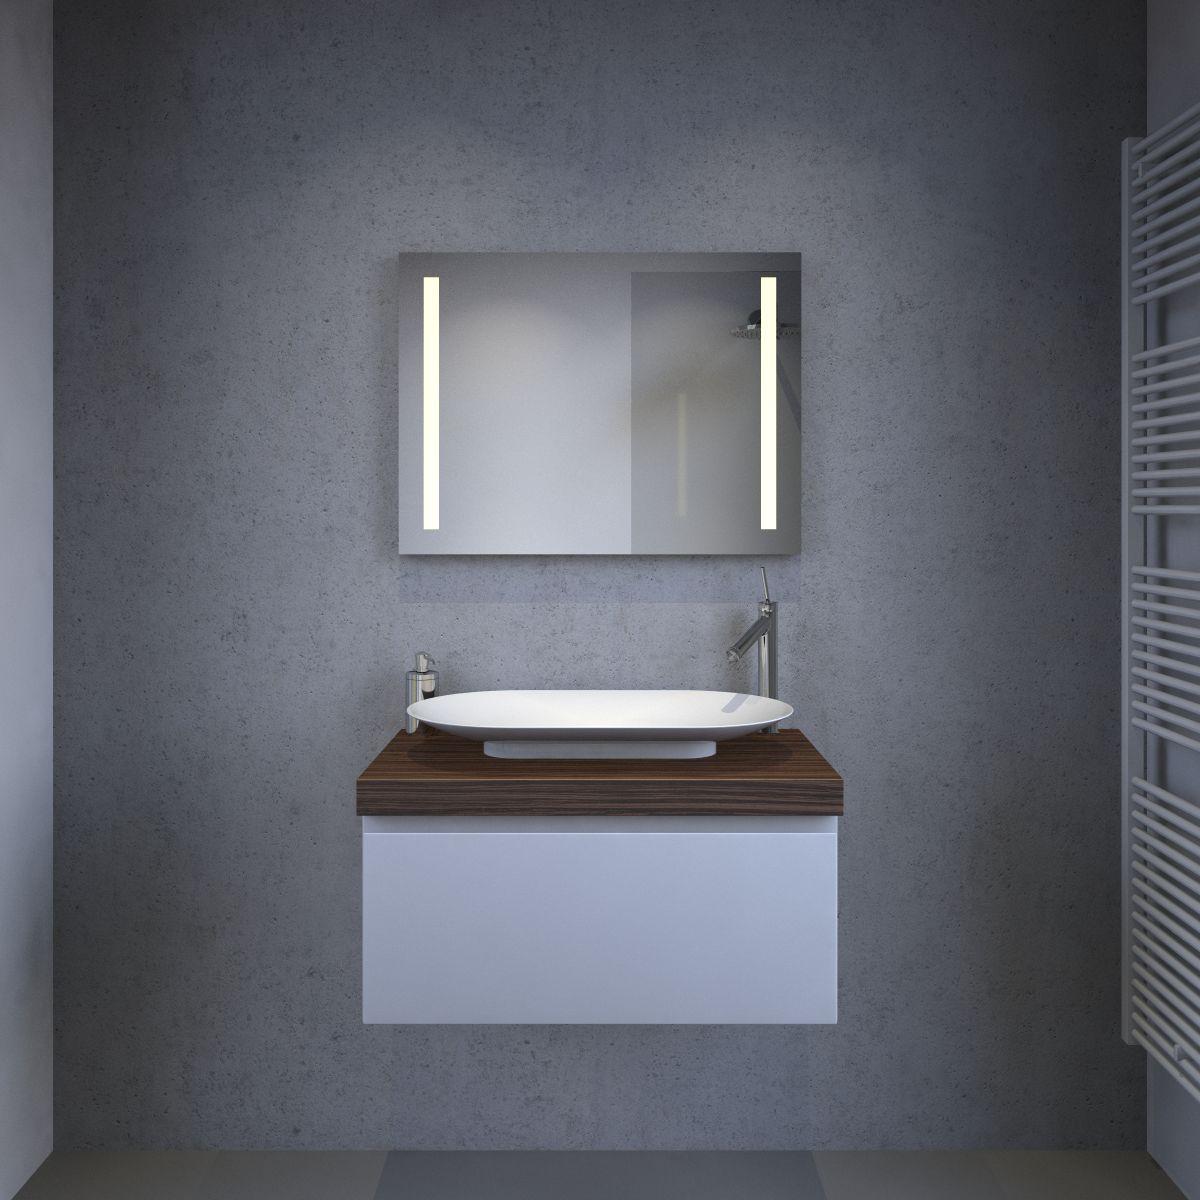 20170409 225327 luxe badkamer spiegel for Spiegel reinigen